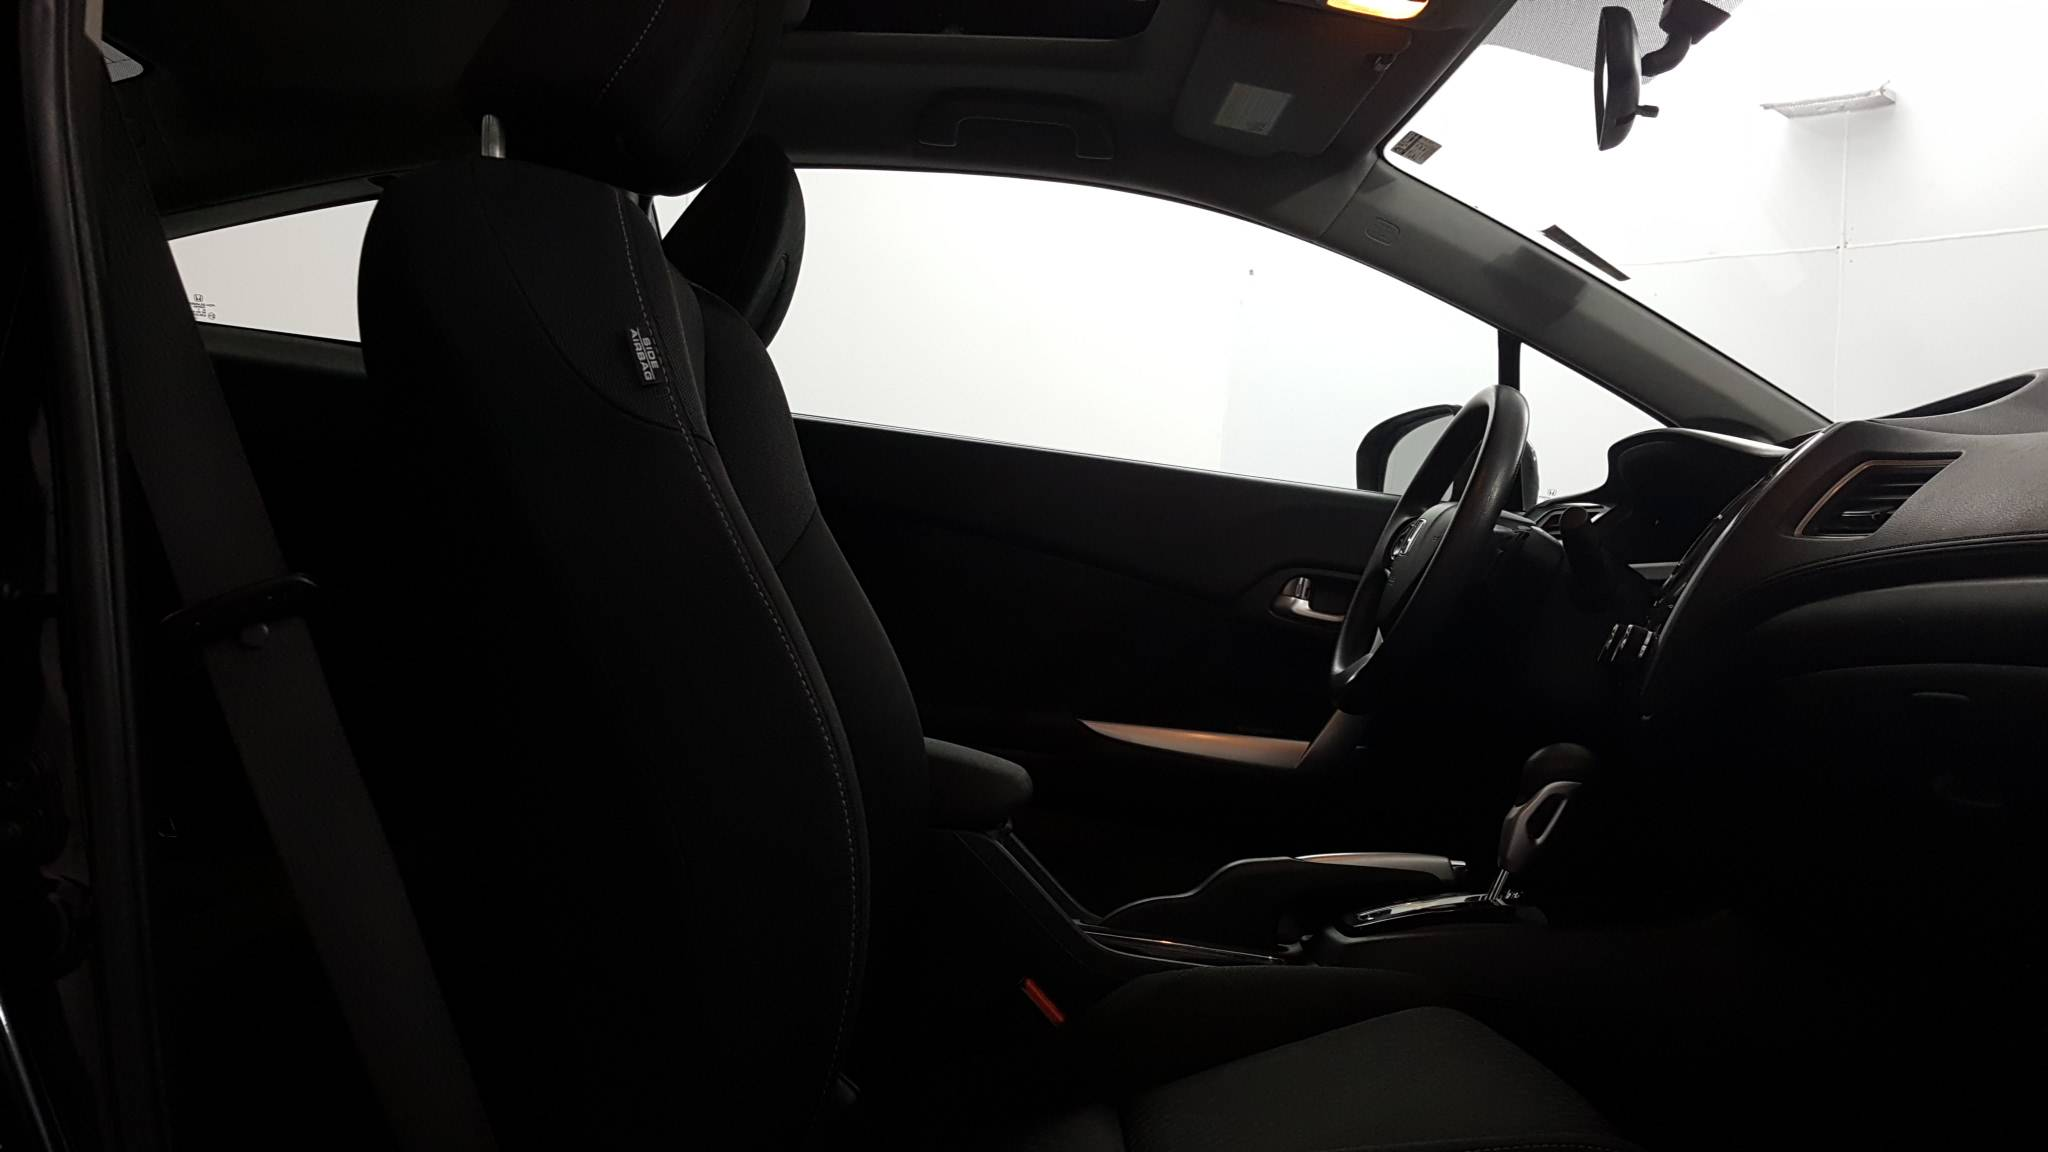 2015 Honda Civic 2dr Car